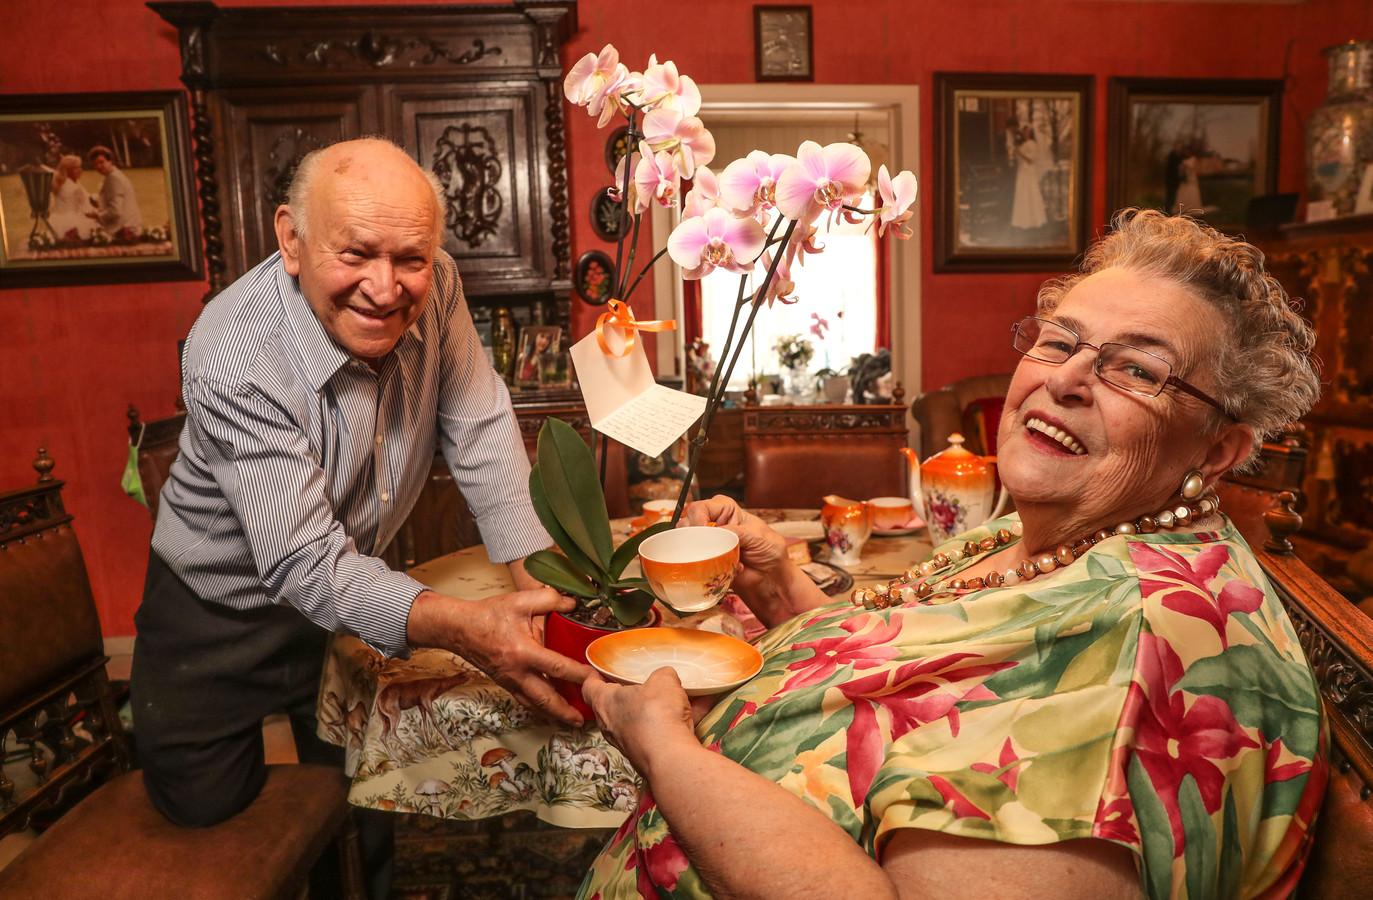 """Elk jaar vieren Willy en Leona de datum waarop ze een koppel werden. Aan de orchidee die Willy kocht, hangt een kaartje. """"Zesenzestig jaar gelden, onze eerste ontmoeting. Deze woensdagmiddag zal nooit vergeten worden."""""""